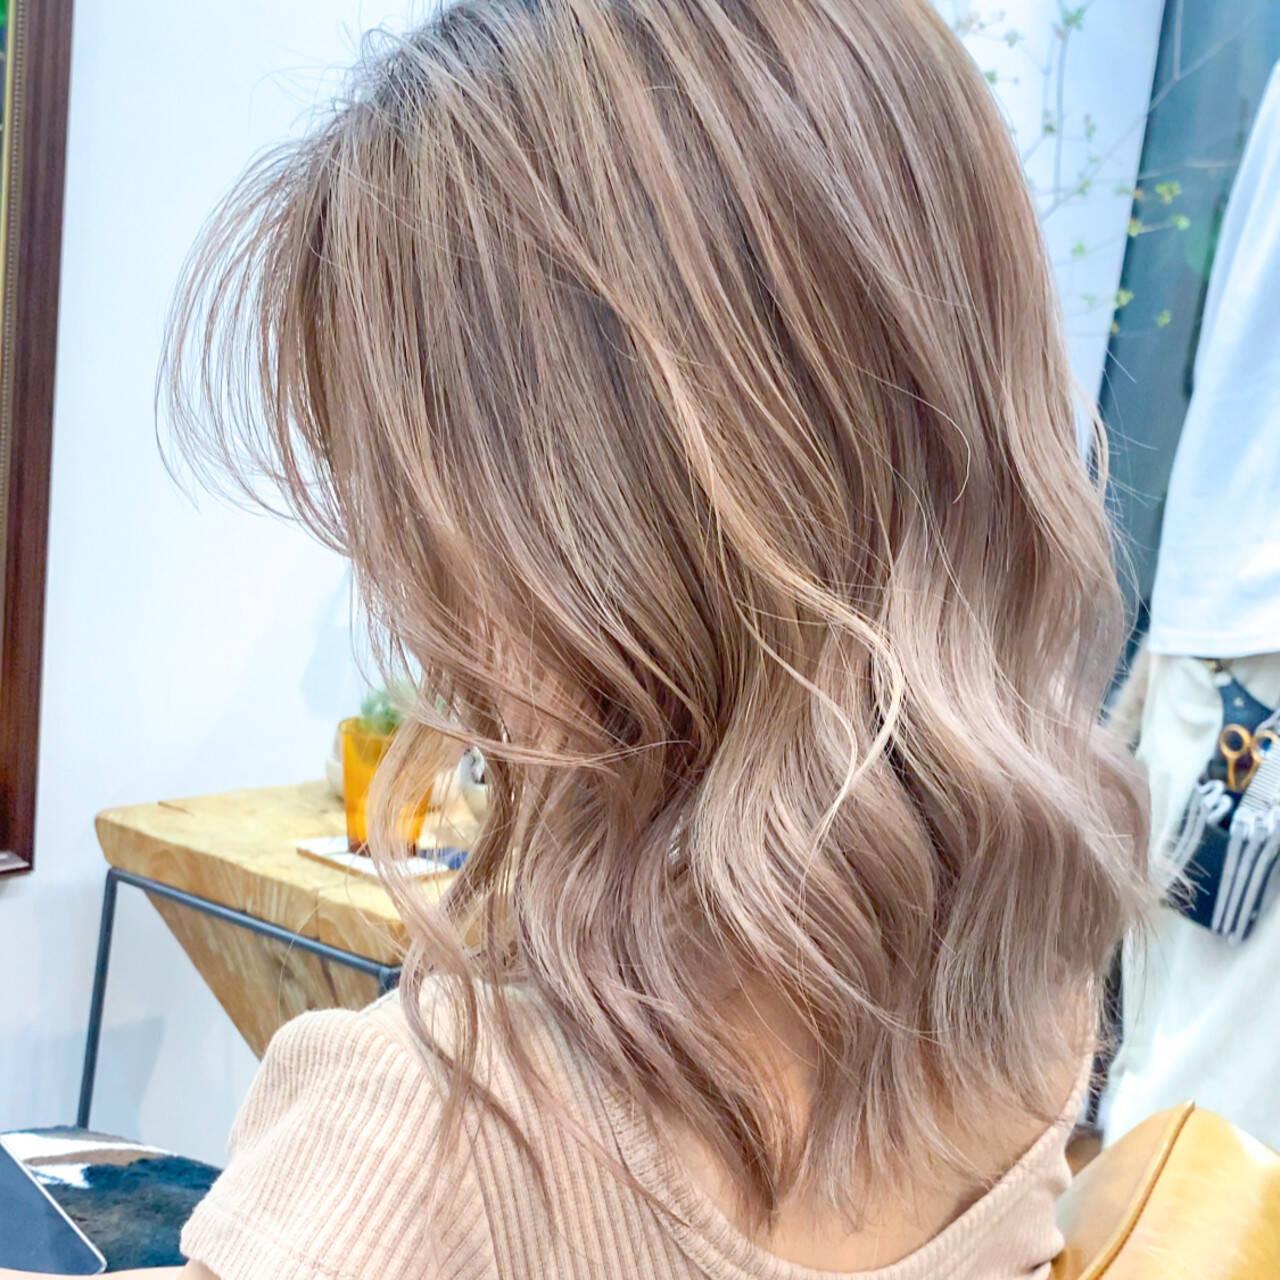 ストリート ハイトーンカラー ウルフカット ミニボブヘアスタイルや髪型の写真・画像